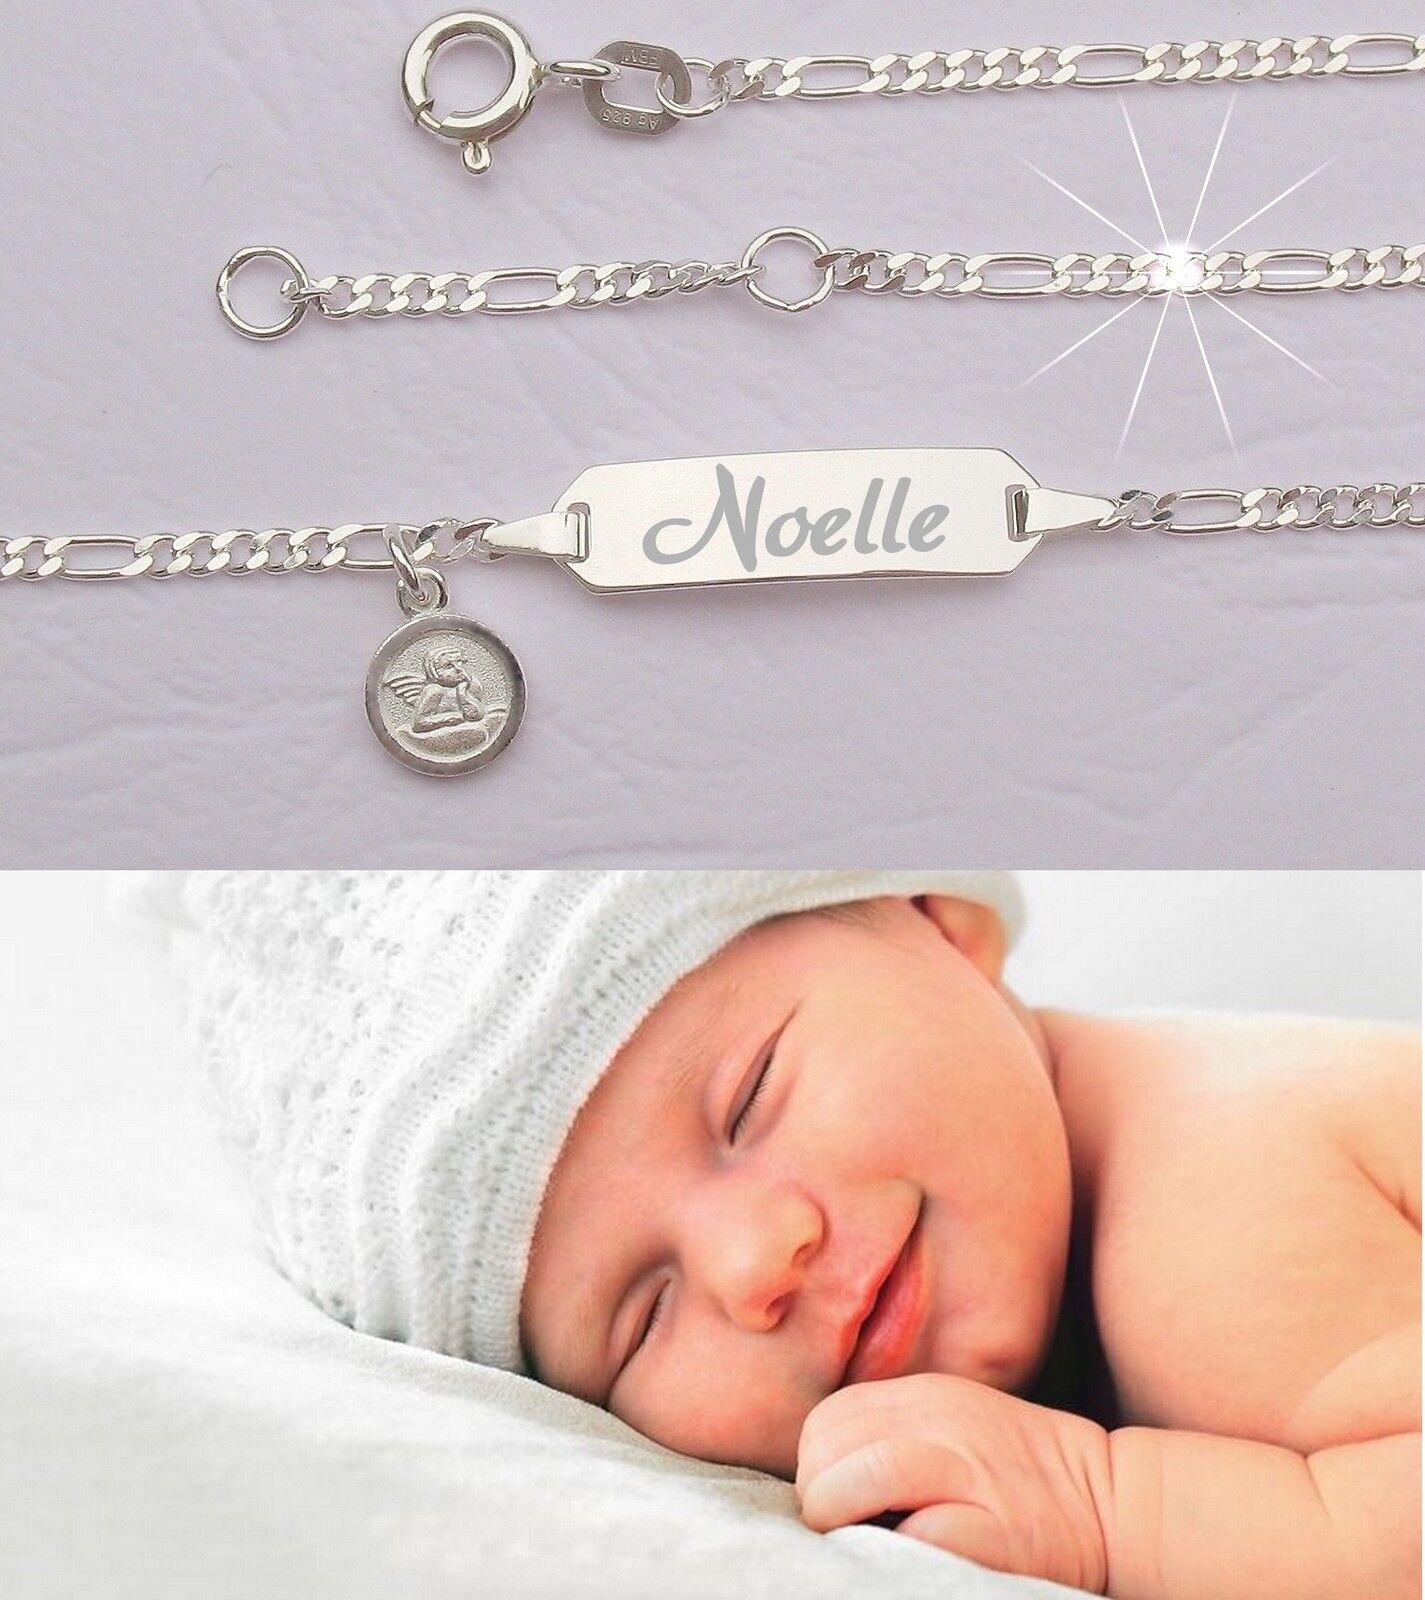 GRAVUR NAME DATUM Babyarmband Babyarmkette Echt Silberkette mit Silberstempel